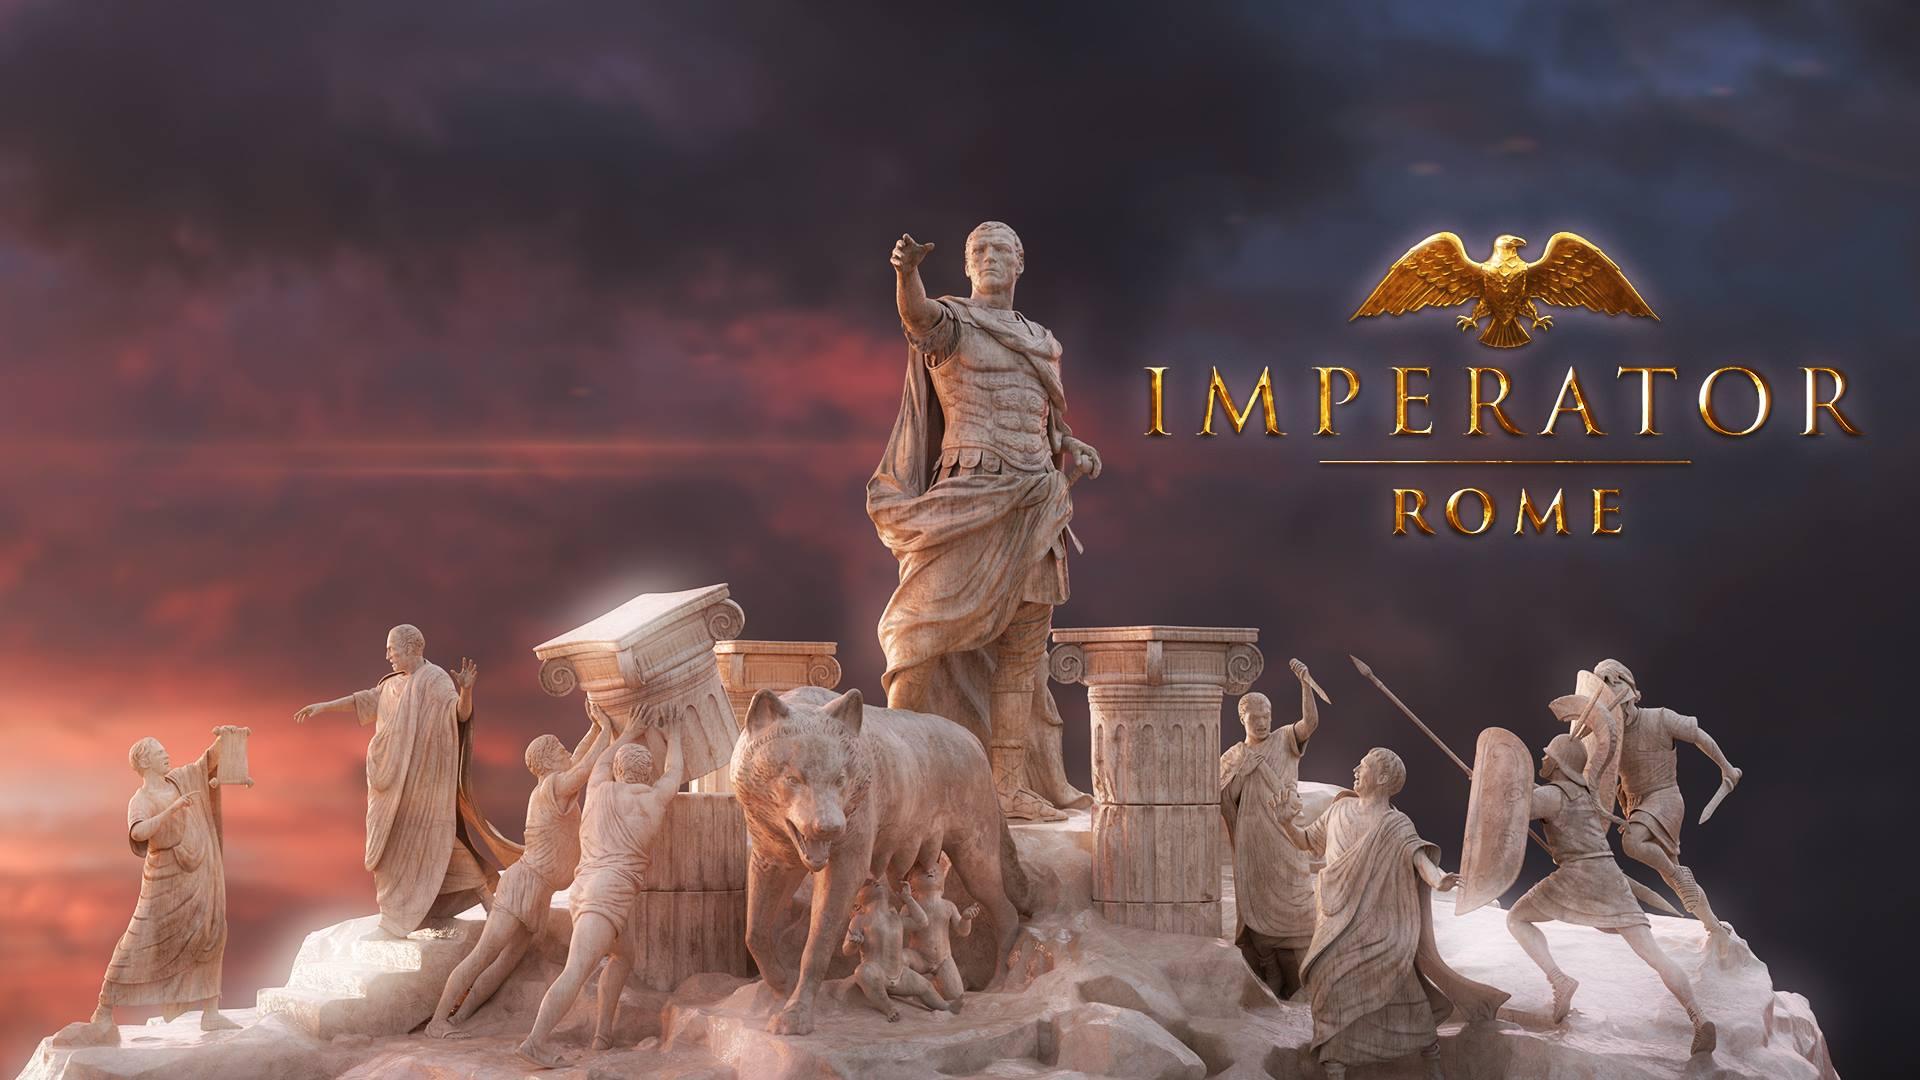 Чит-коды (консольные команды) для Imperator: Rome